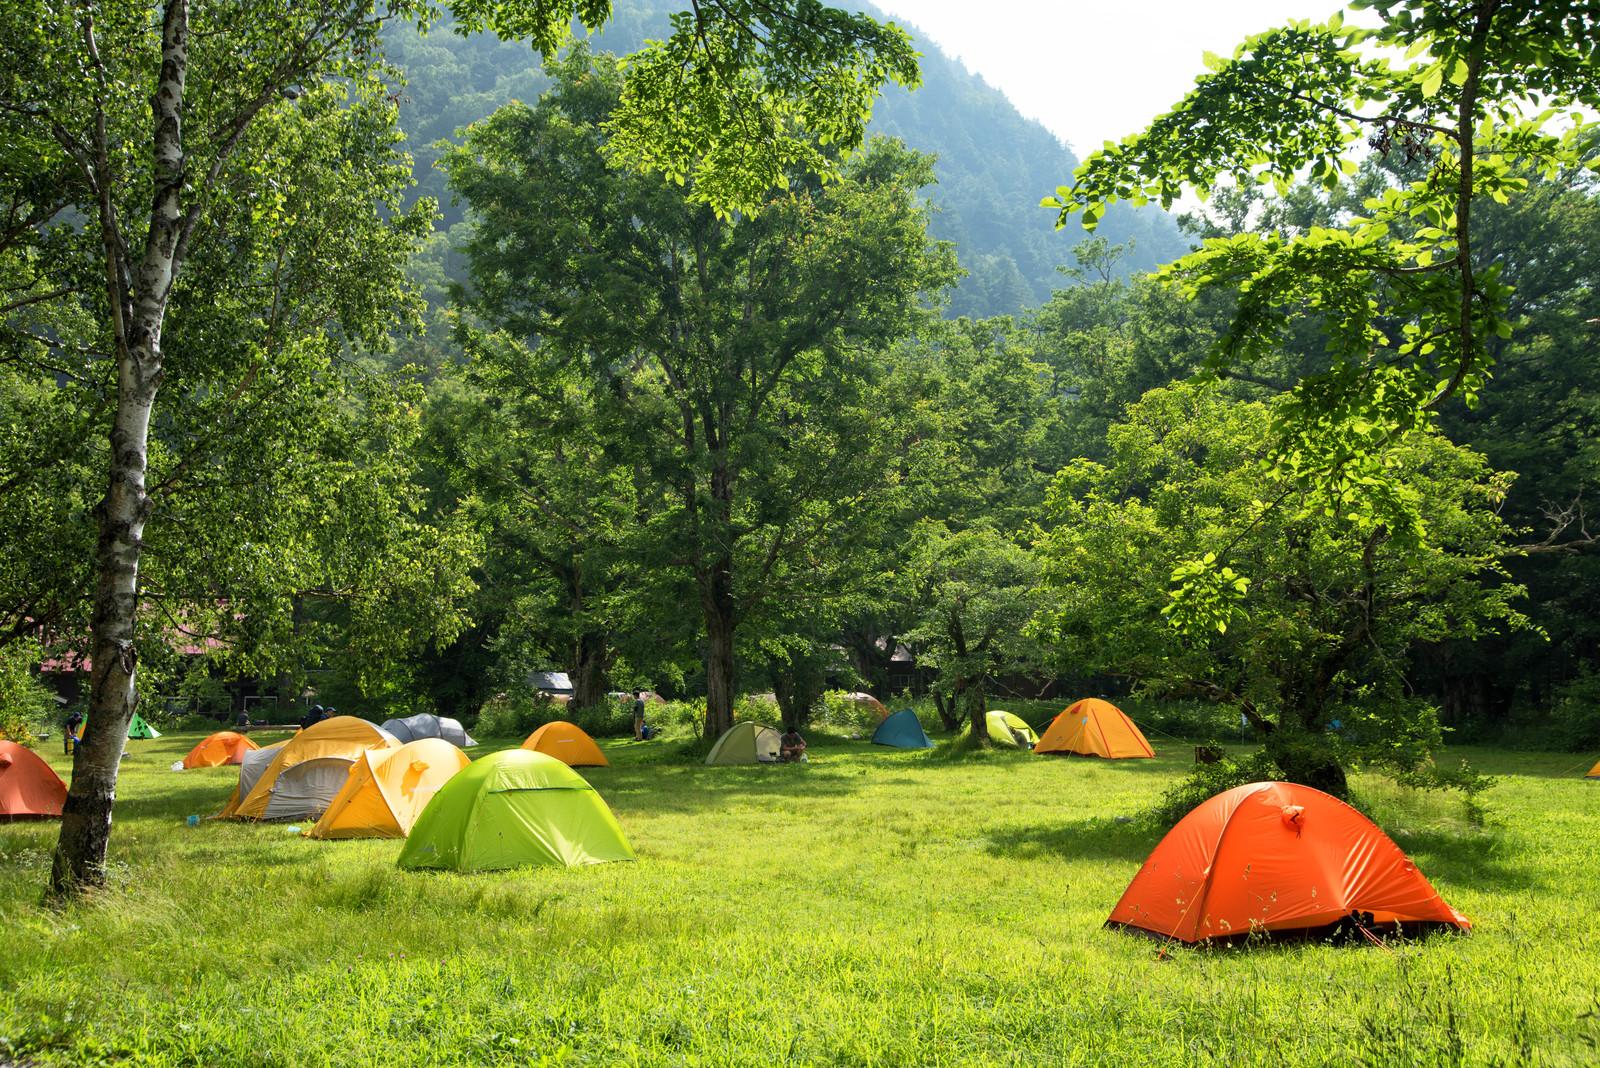 ホウリーウッズ久留里キャンプ村はツリーハウスが人気!自然を満喫しよう!